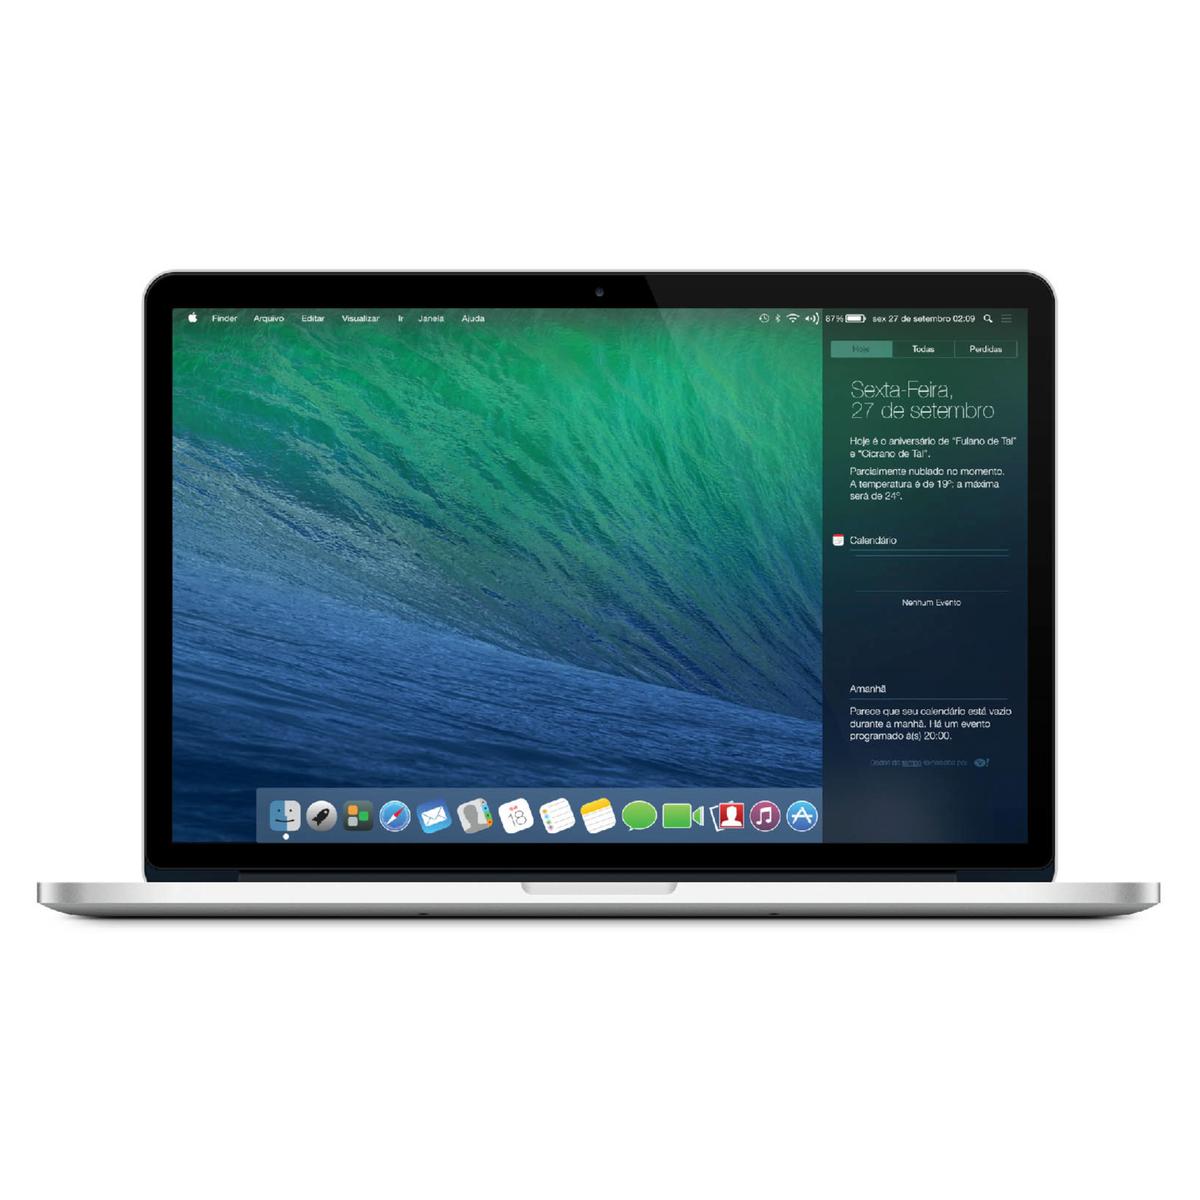 Conceito para um futuro OS X com visual ao estilo iOS 7